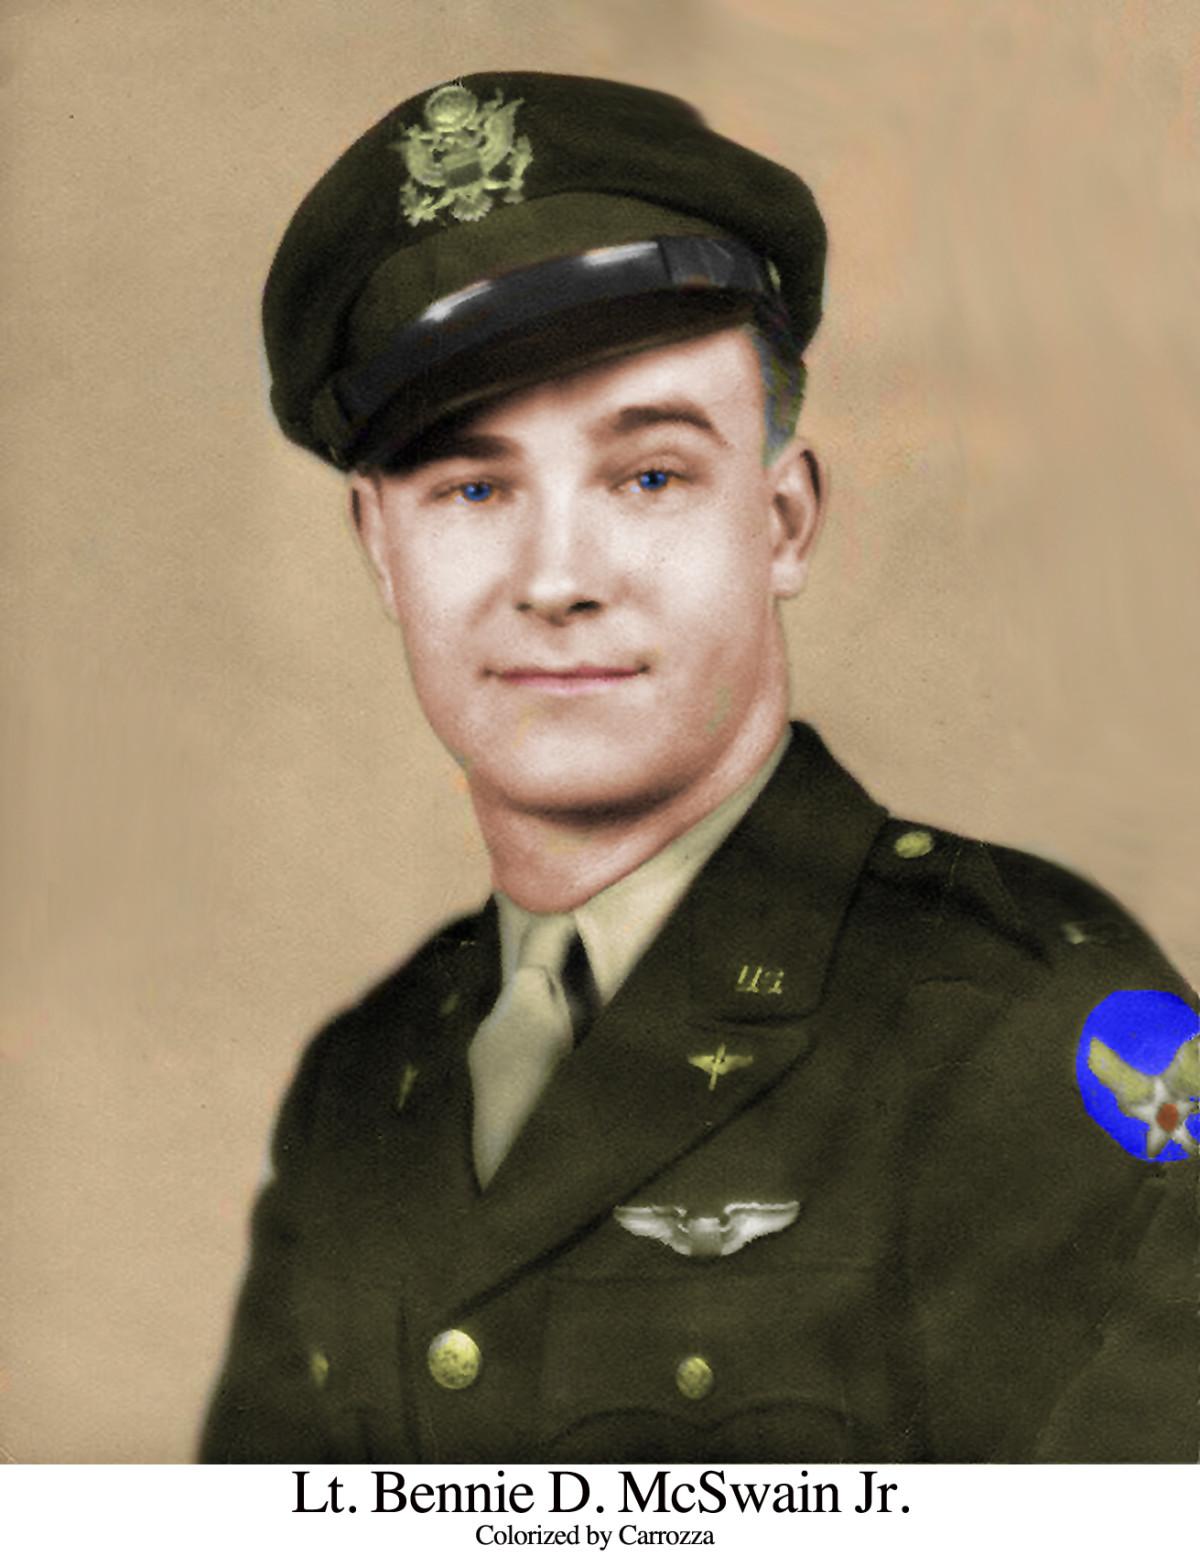 McSwain war portrait Colorized